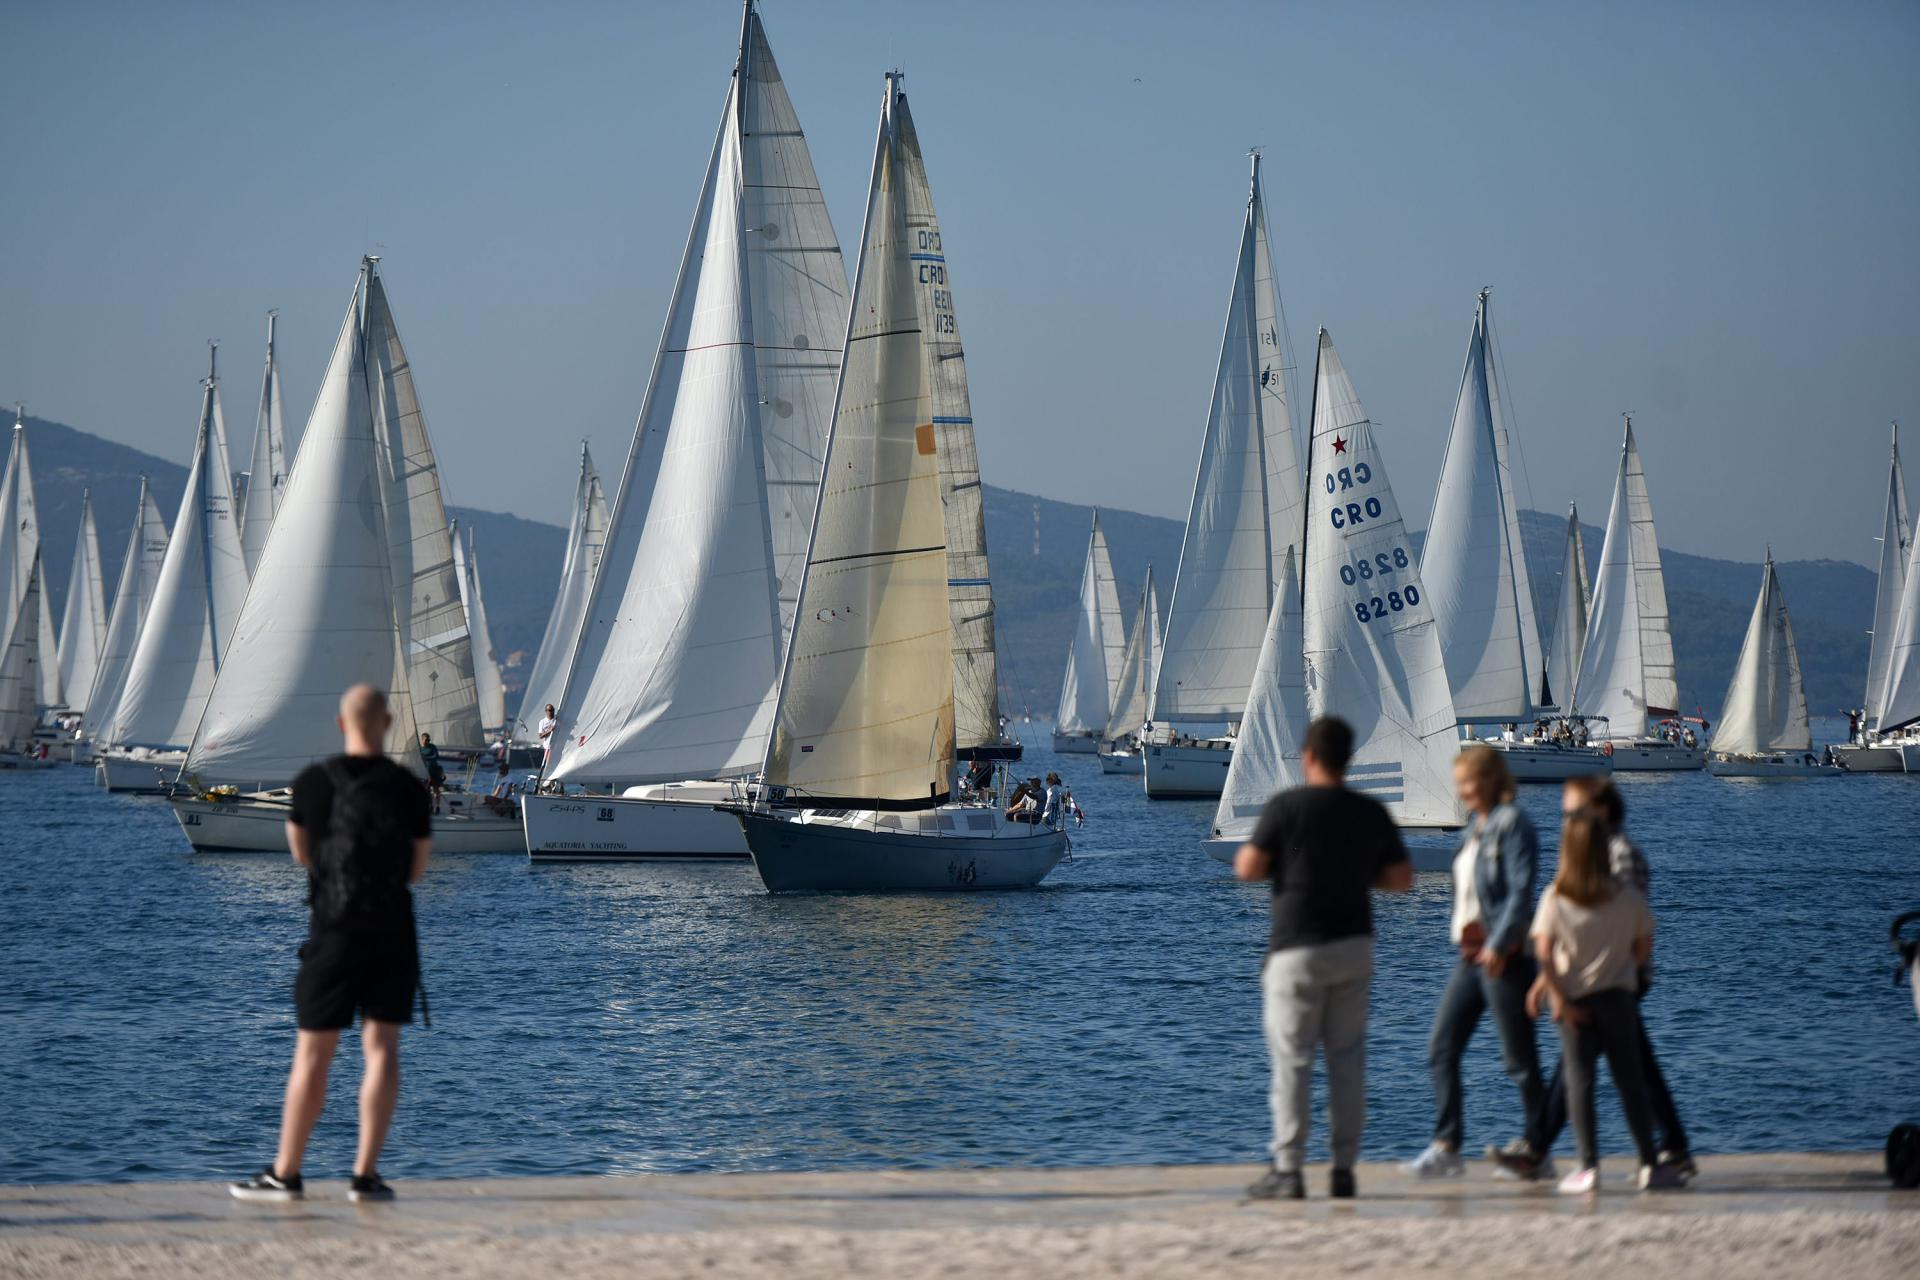 Danas se jedri Zadarska koka - najmasovnija lokalna regata krstaša